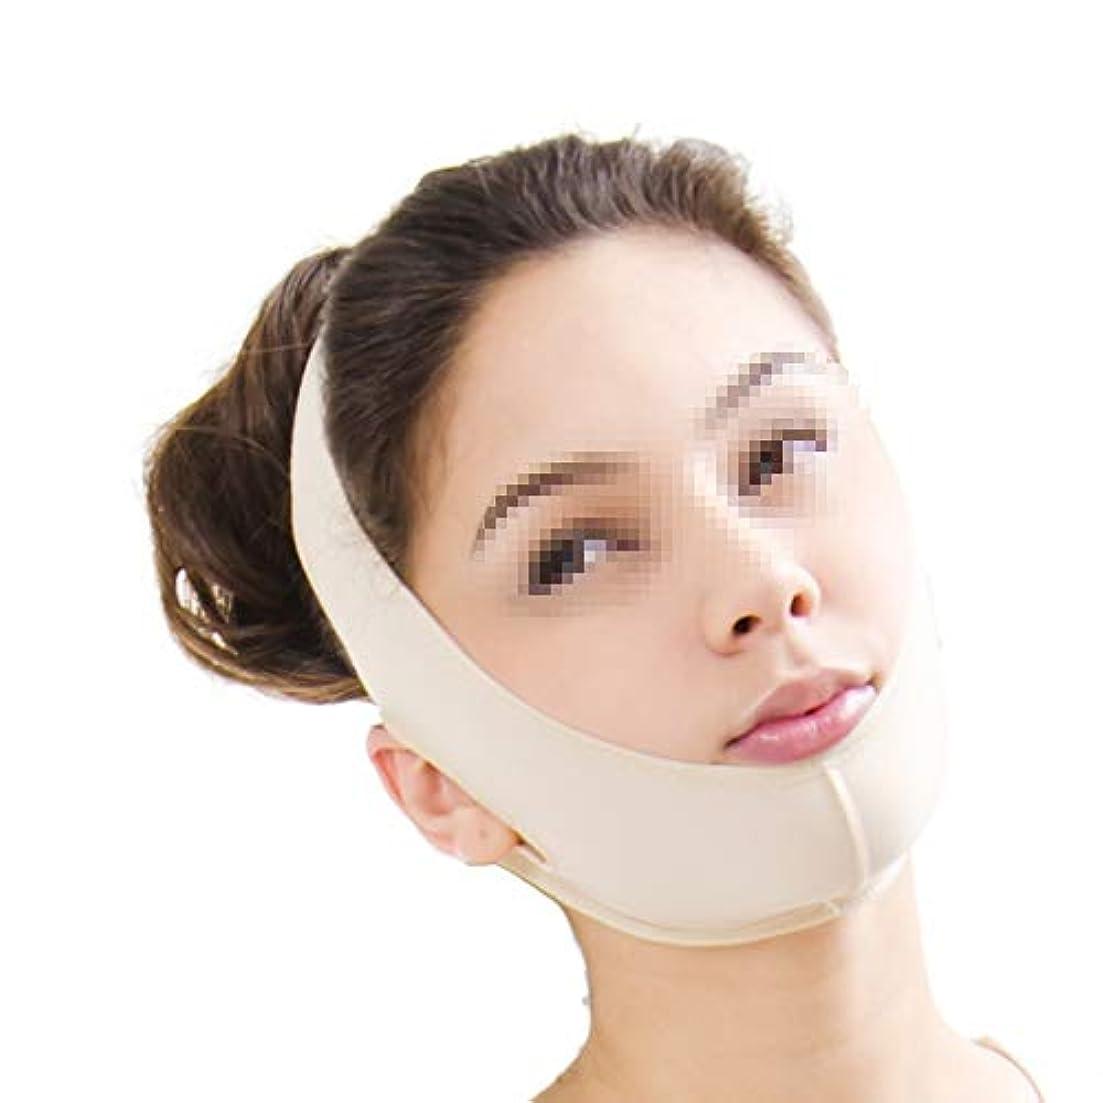 素晴らしいです修道院維持XHLMRMJ フェイスリフトマスク、圧縮後の顎顔面二重あご化粧品脂肪吸引小さな顔包帯弾性ヘッドギア (Size : XL)